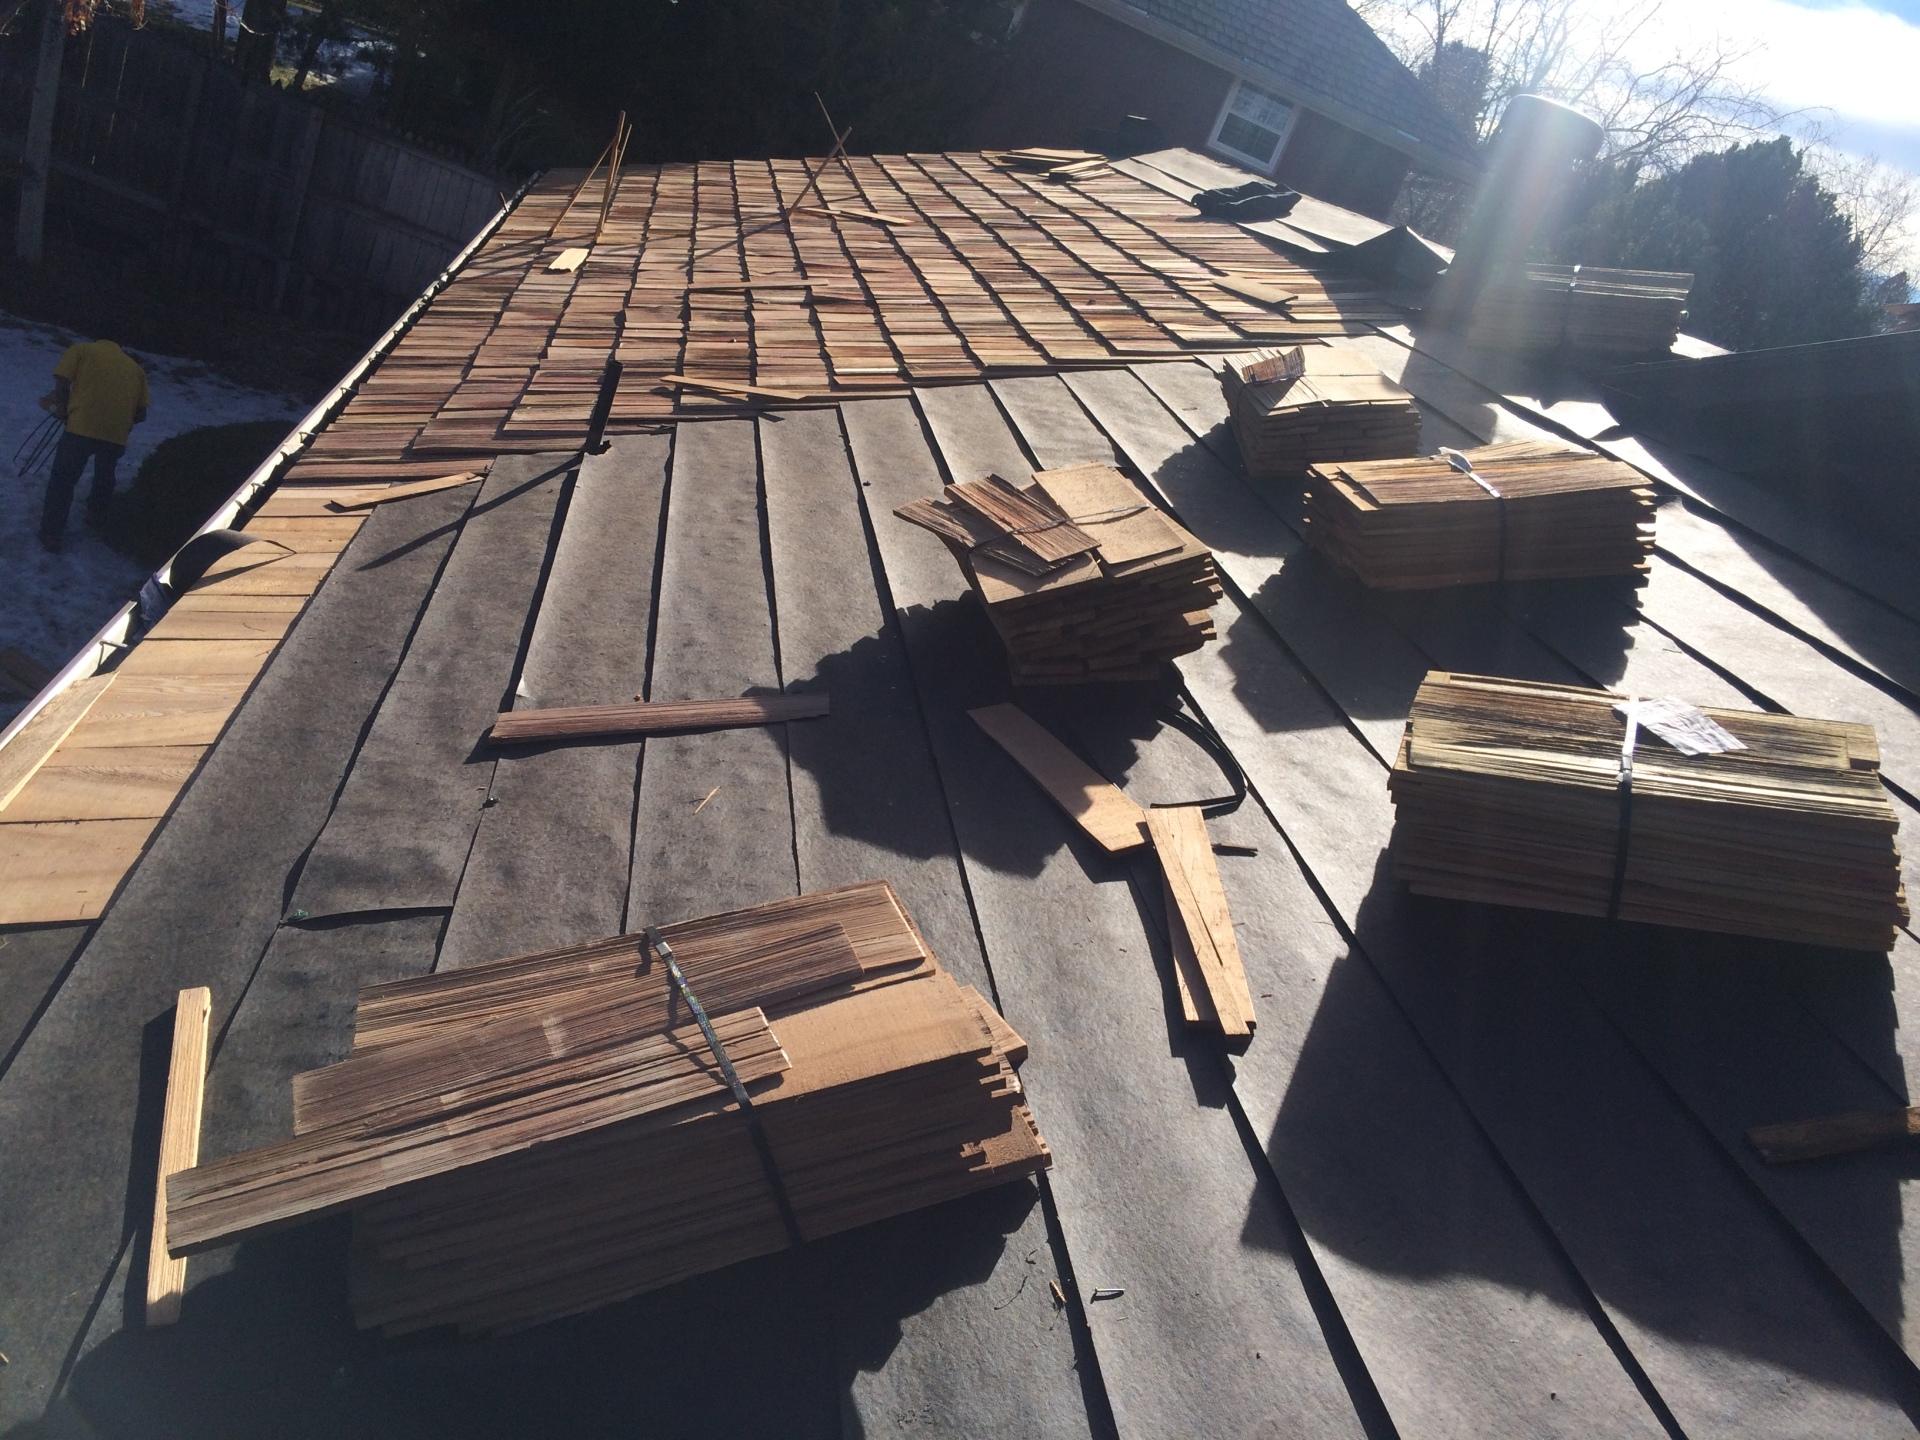 Installing woodshake